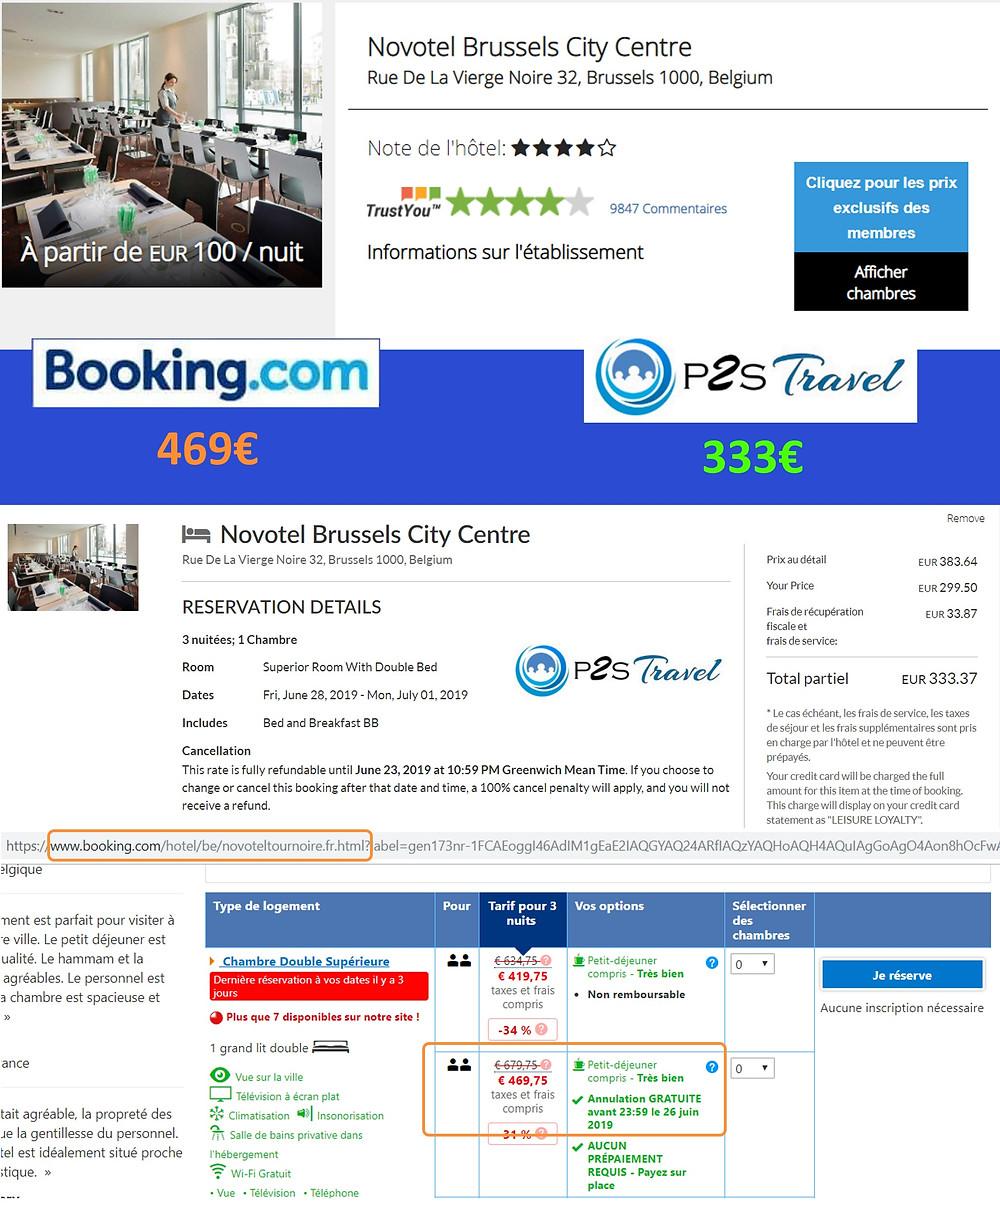 Hôtel Novotel Bruxelles centre à Bruxelles / Belgique - 1 chambre 3 nuits 2 adultes Tarif sur Booking 469€ - même chose sur P2S Travel 333€ soit 136€ d'économies en réservant sur le site réservation P2S Travel